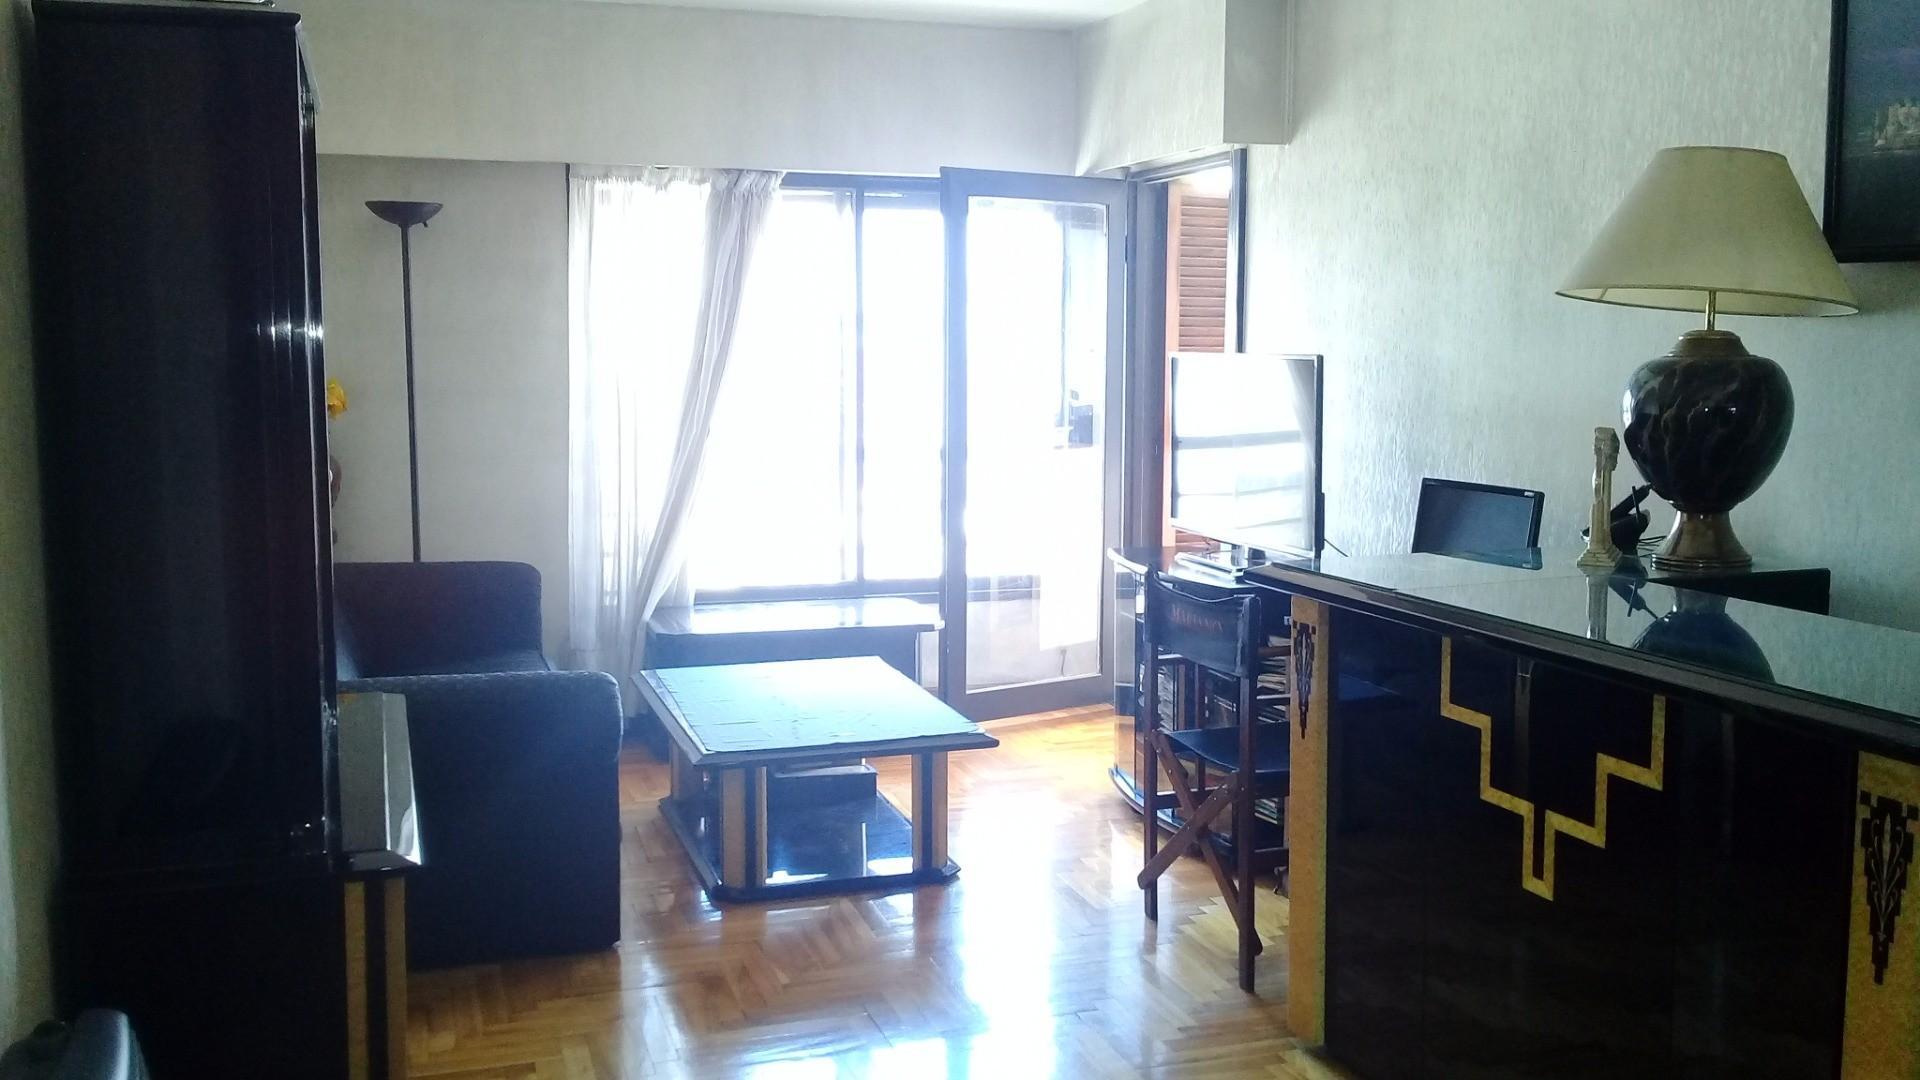 Con cochera fija y cubierta con portón automático - 2 dormitorios -